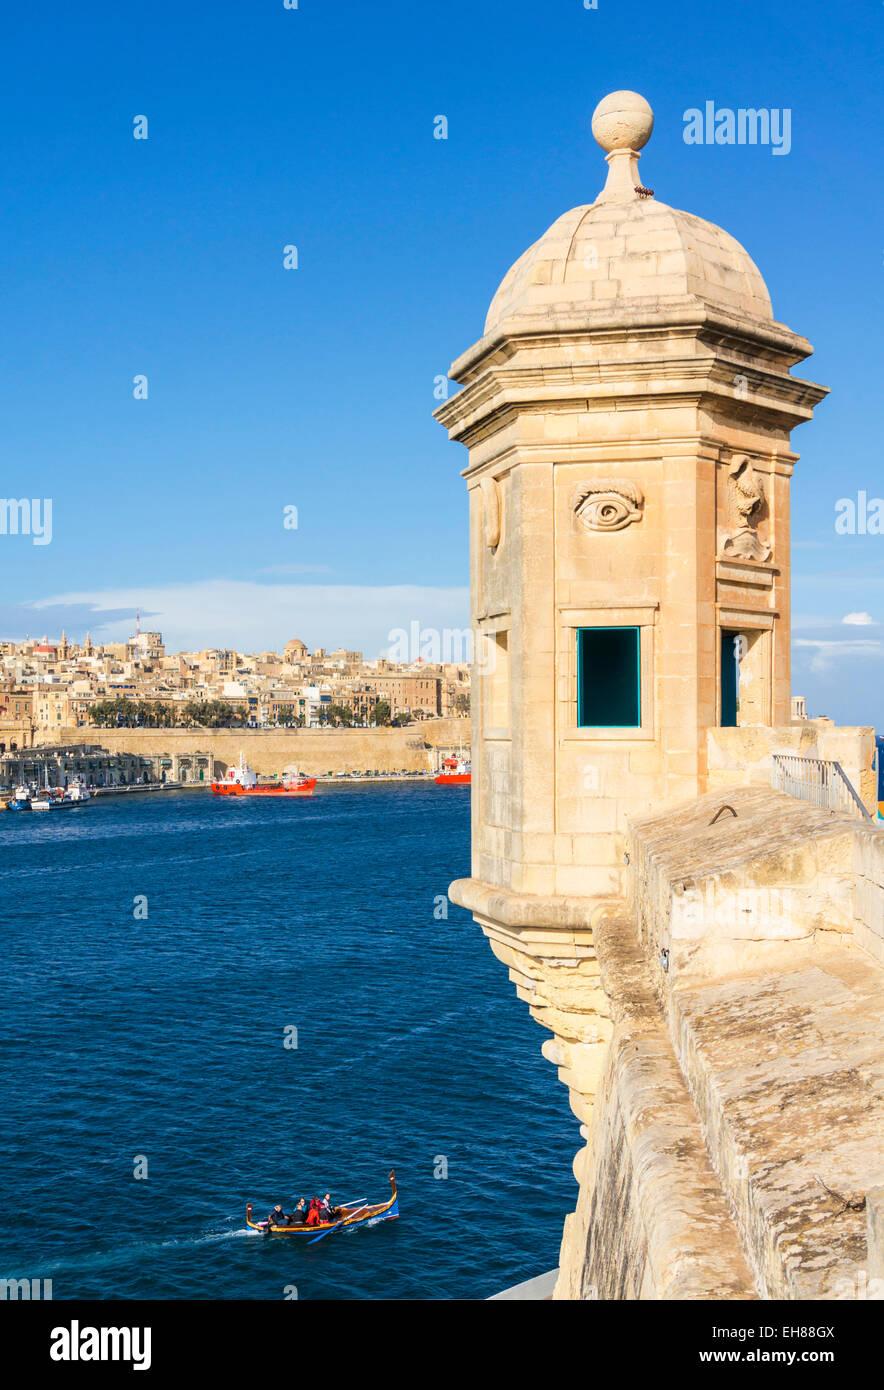 Vedette atalaya (Gardjola garita) y Valletta Grand Harbour, Senglea, las tres ciudades de Malta, Mediterráneo, Imagen De Stock